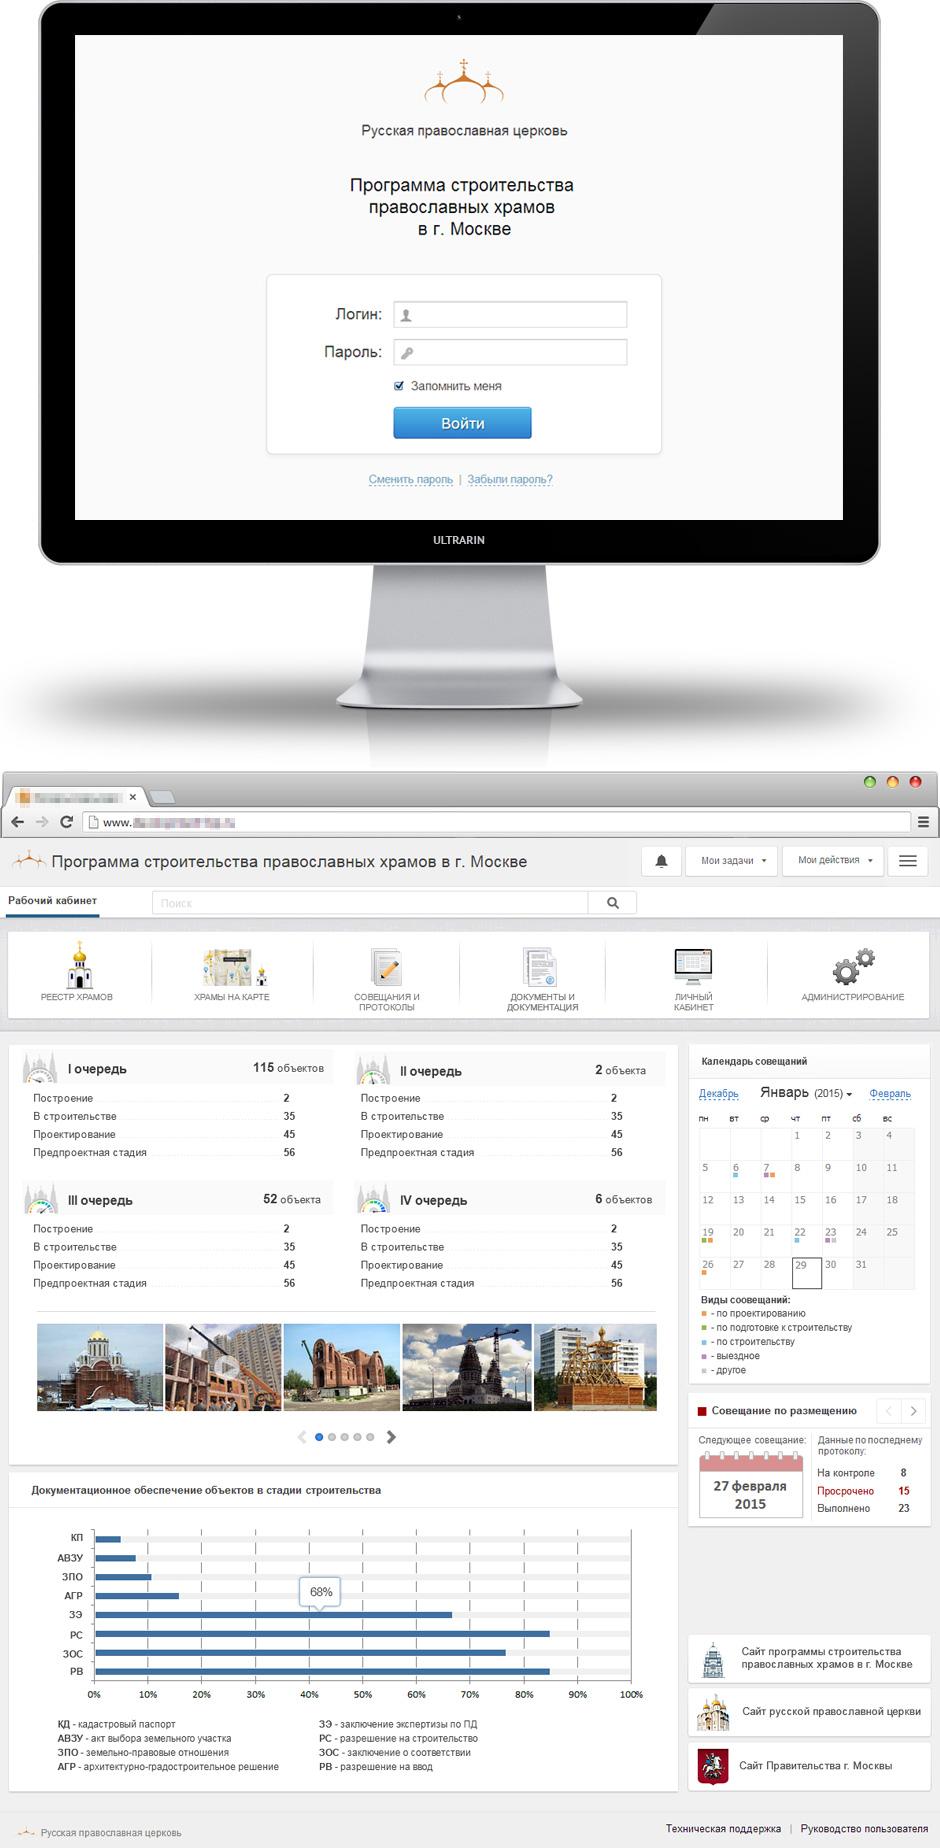 Дизайн портала программы строительства православных храмов в Москве